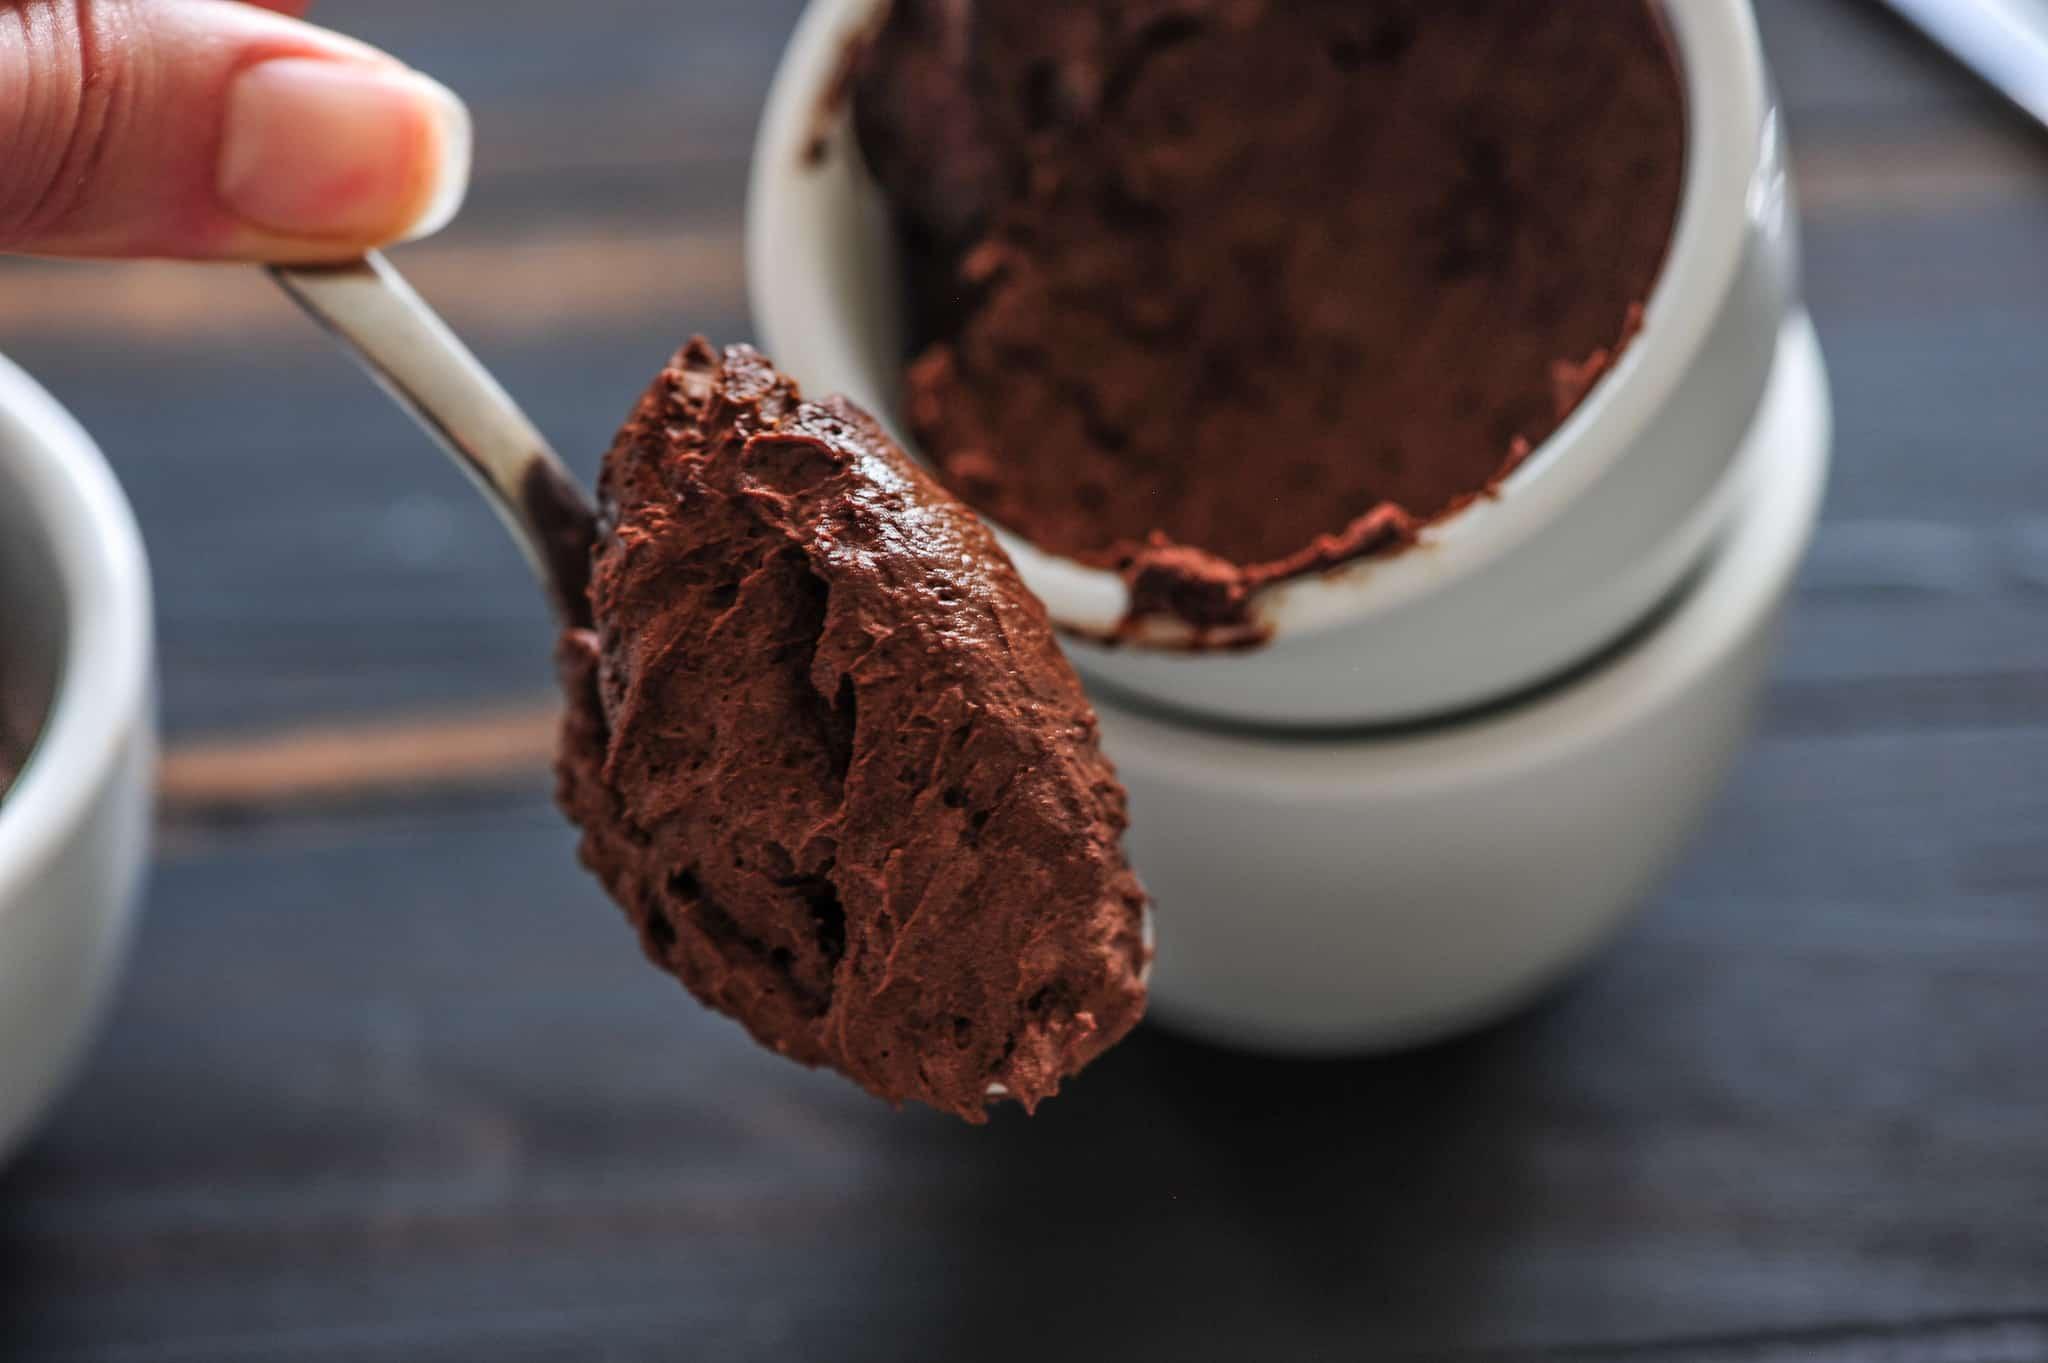 Avocado chocolate mousse unusual food pairings